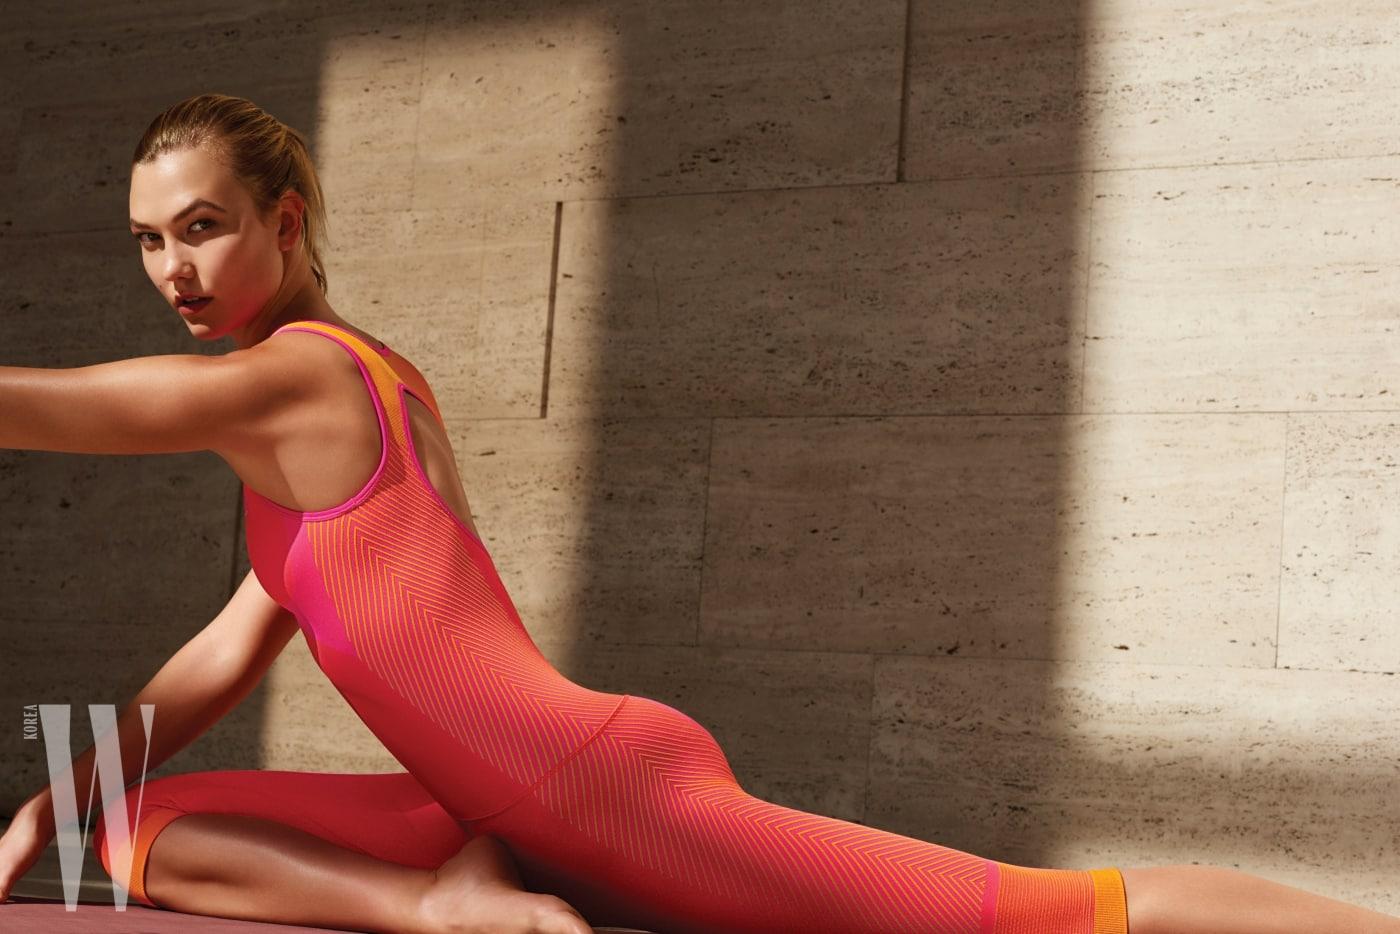 자연스럽고 은은한 색감의 요가복을 입고 운동하는 칼리 클로스.